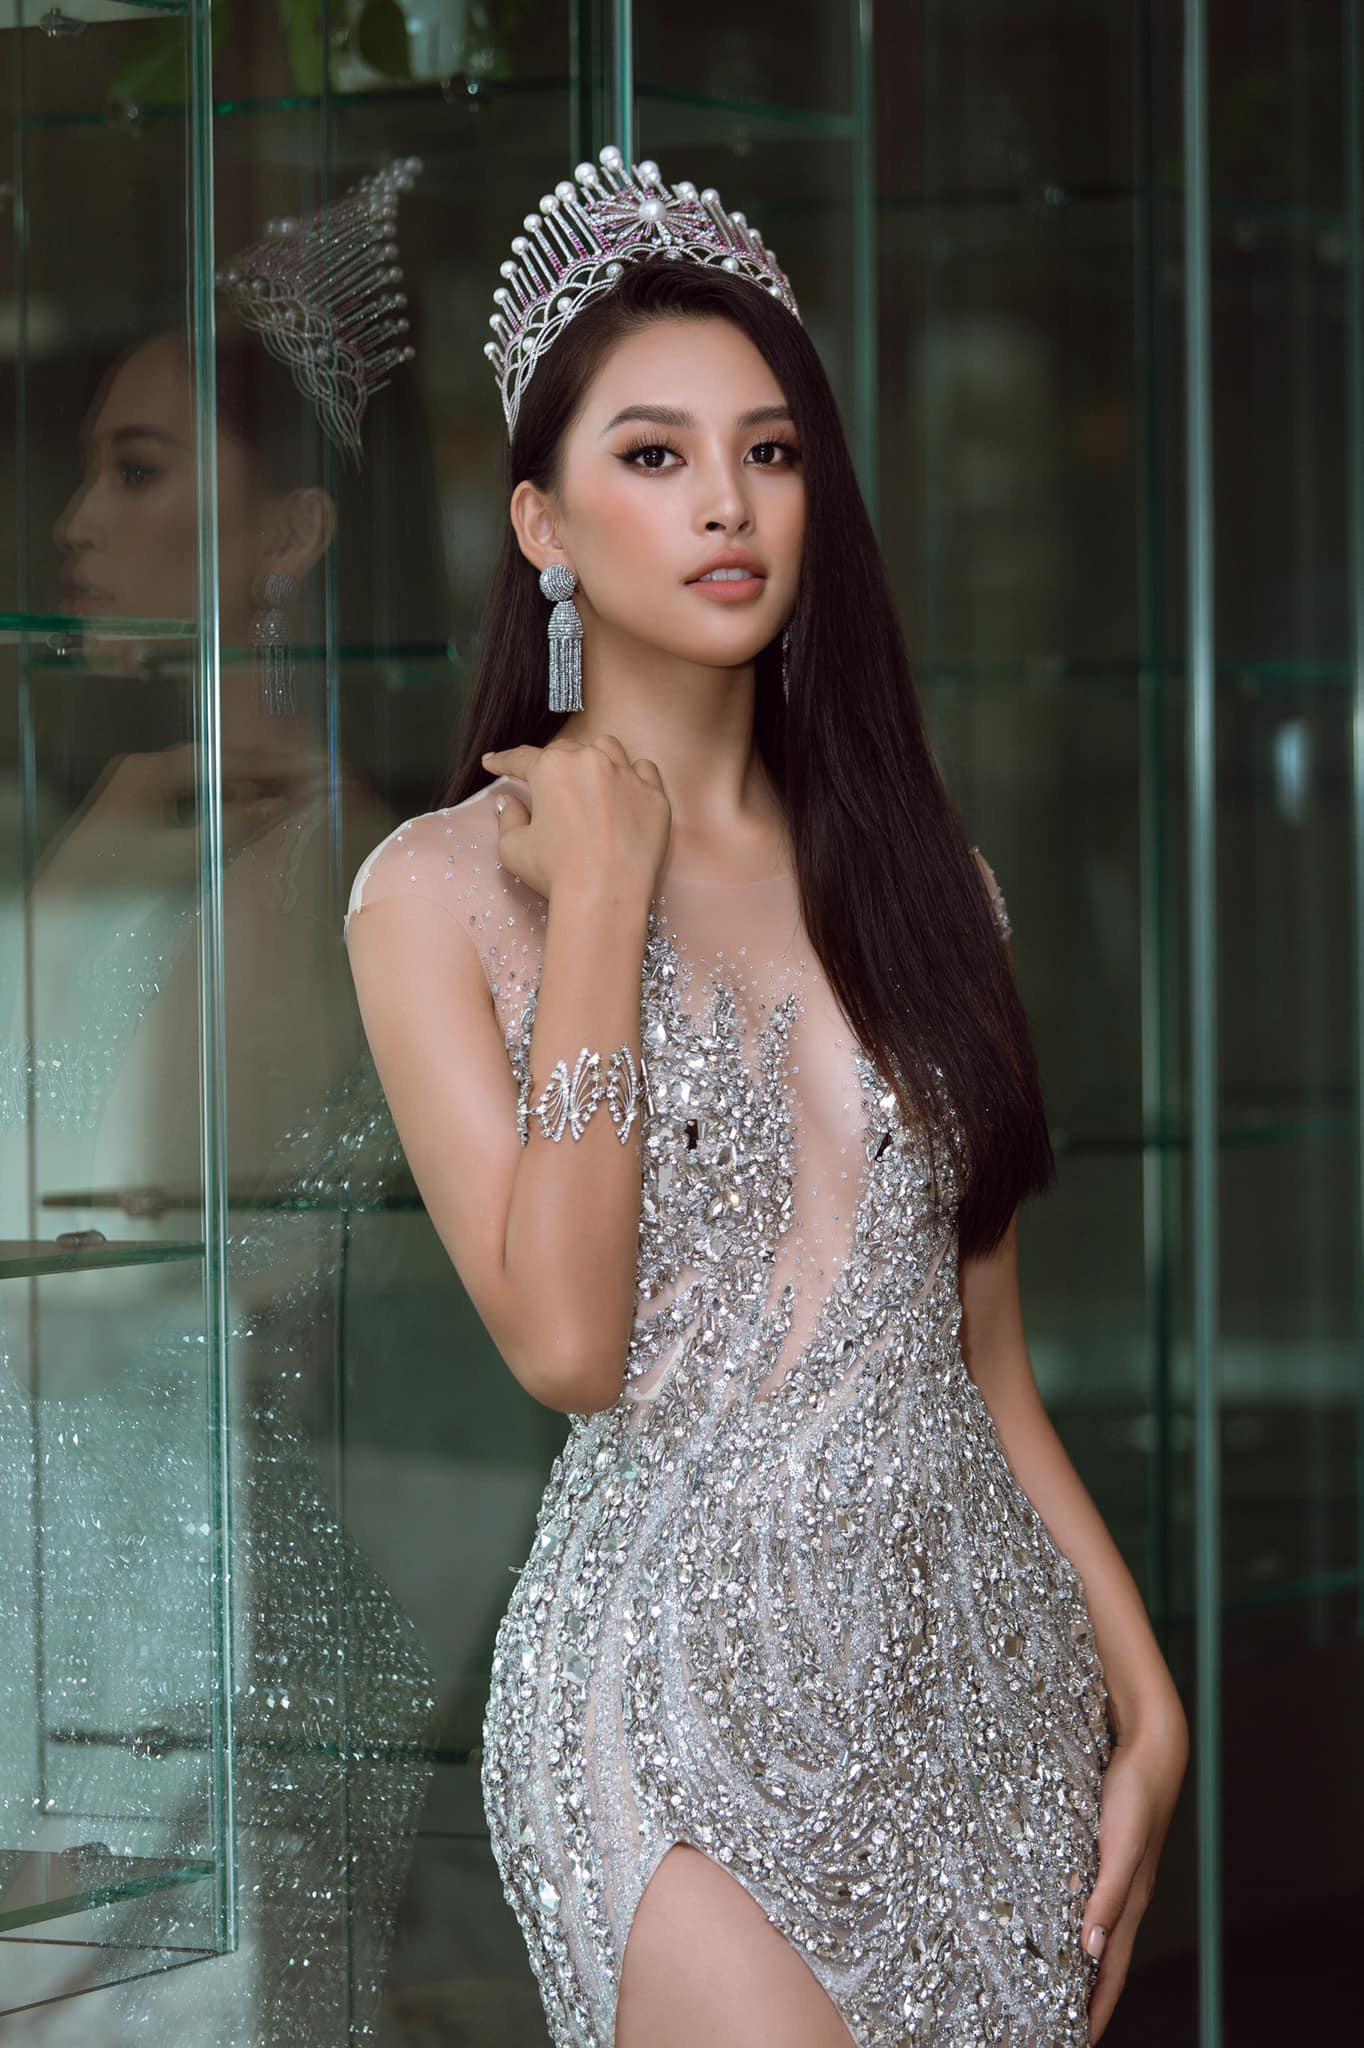 """Hoa hậu Trần Tiểu Vy: Tôi hơi """"tham lam"""" chọn người yêu chuẩn """"soái ca"""", cộng điểm cho trai đẹp - Ảnh 2."""